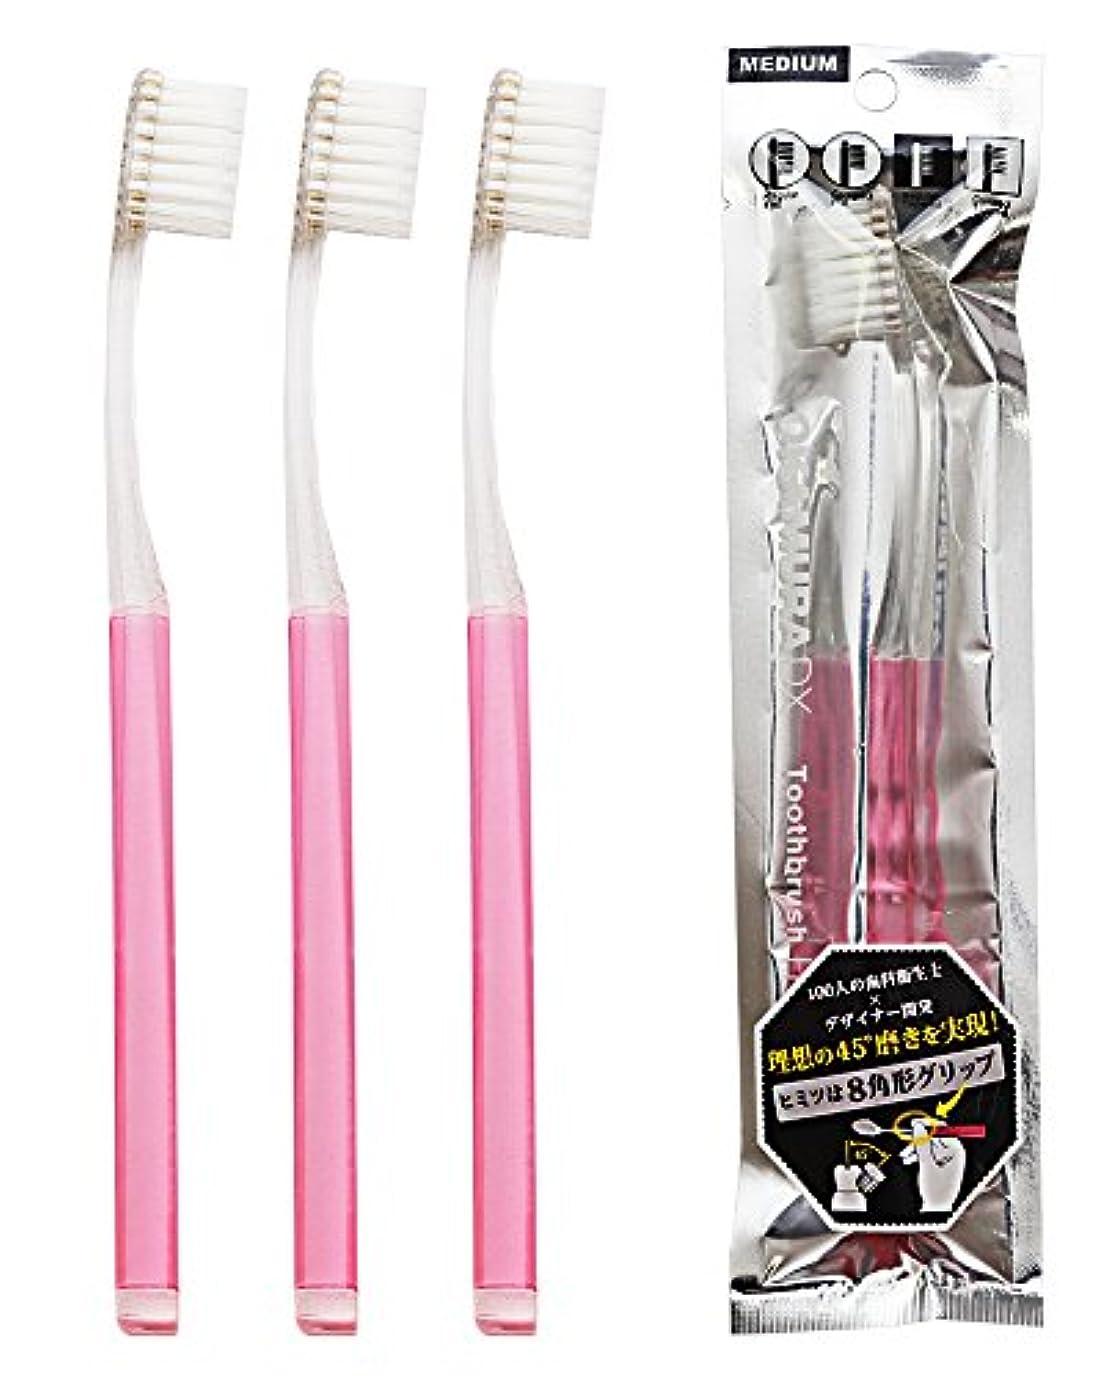 ヒューバートハドソン中性パッケージオカムラ(OKAMURA) ラージヘッド 先細 歯ブラシ 3本セット ピンク